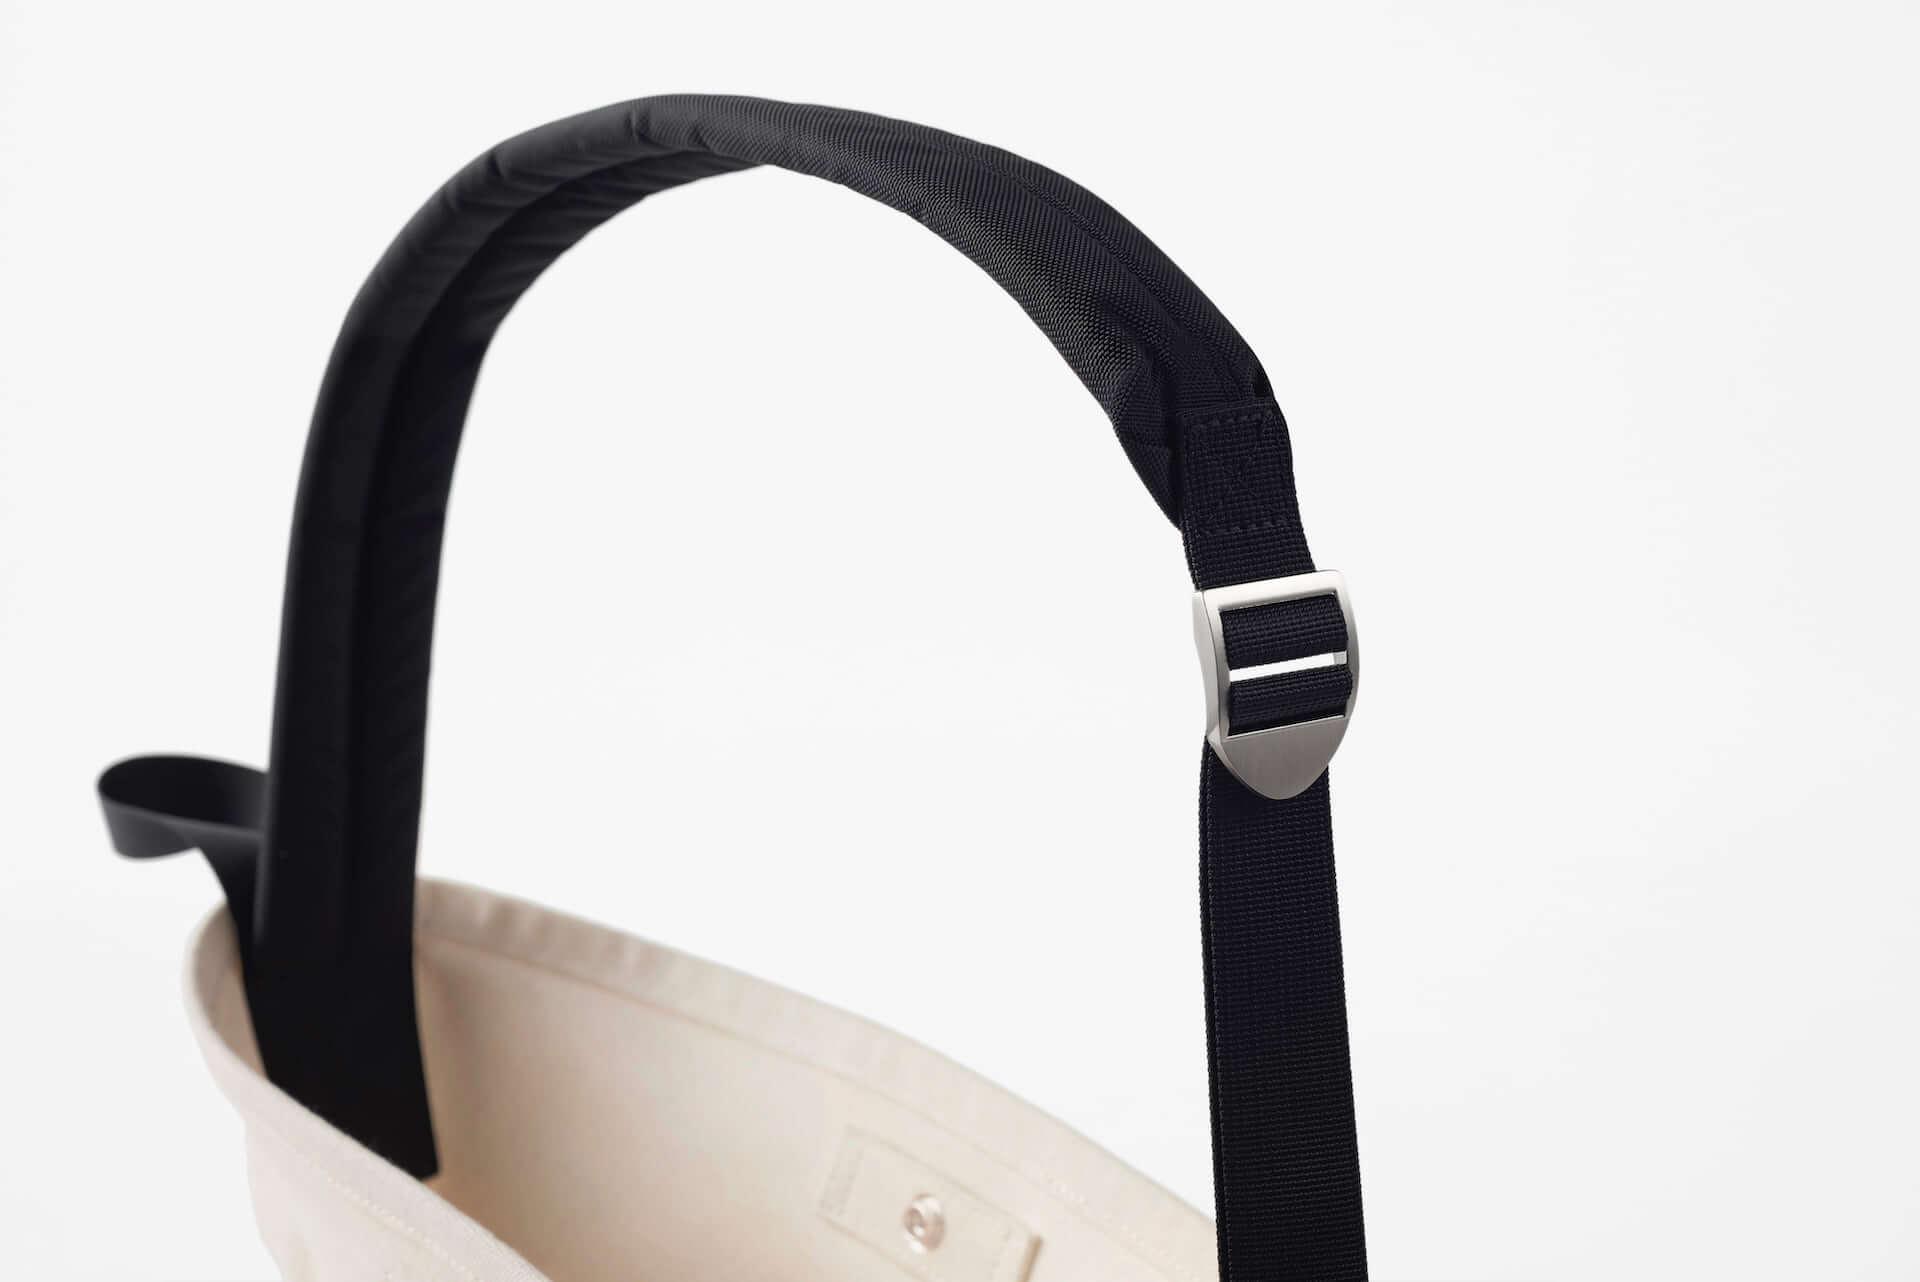 リュックとトートの利便性を兼ね備えたバッグが登場!ROOTOTEとnendoのコラボアイテム「ruck-tote」が発売 46f87afb01a52d6b829a0b42d73a61b7-1920x1282